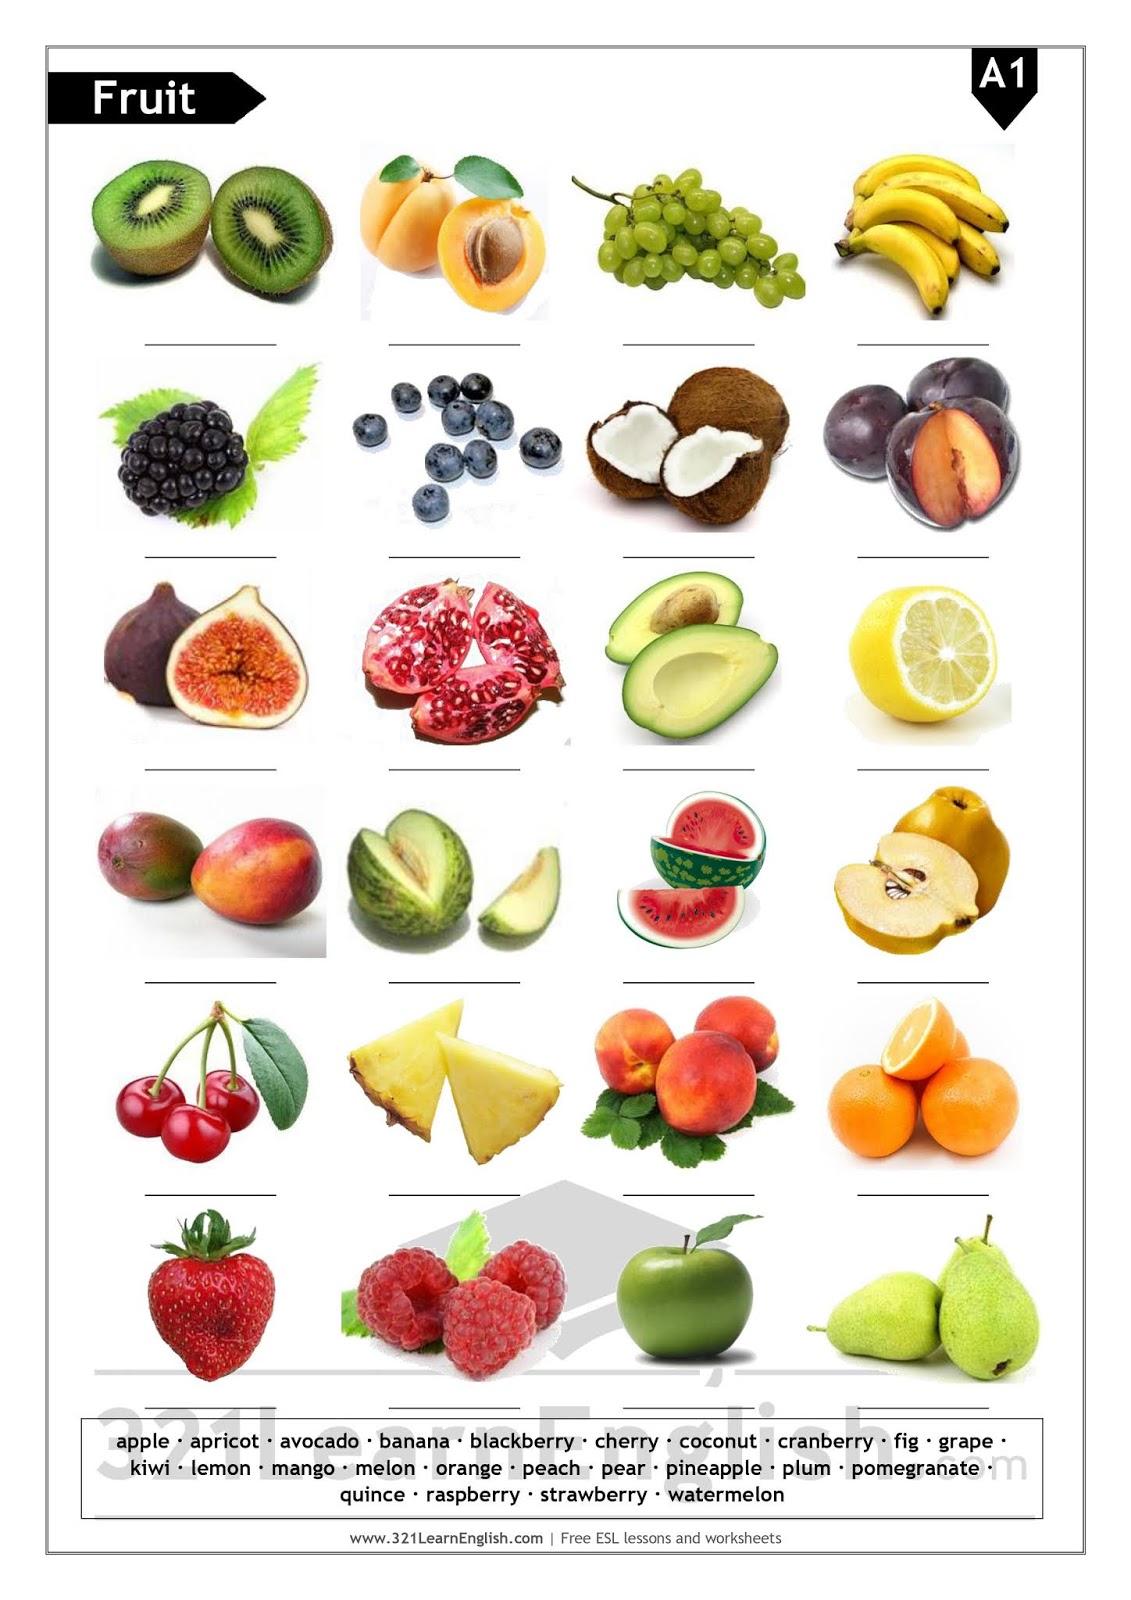 321 Learn English Esl Vocabulary Fruit Basic